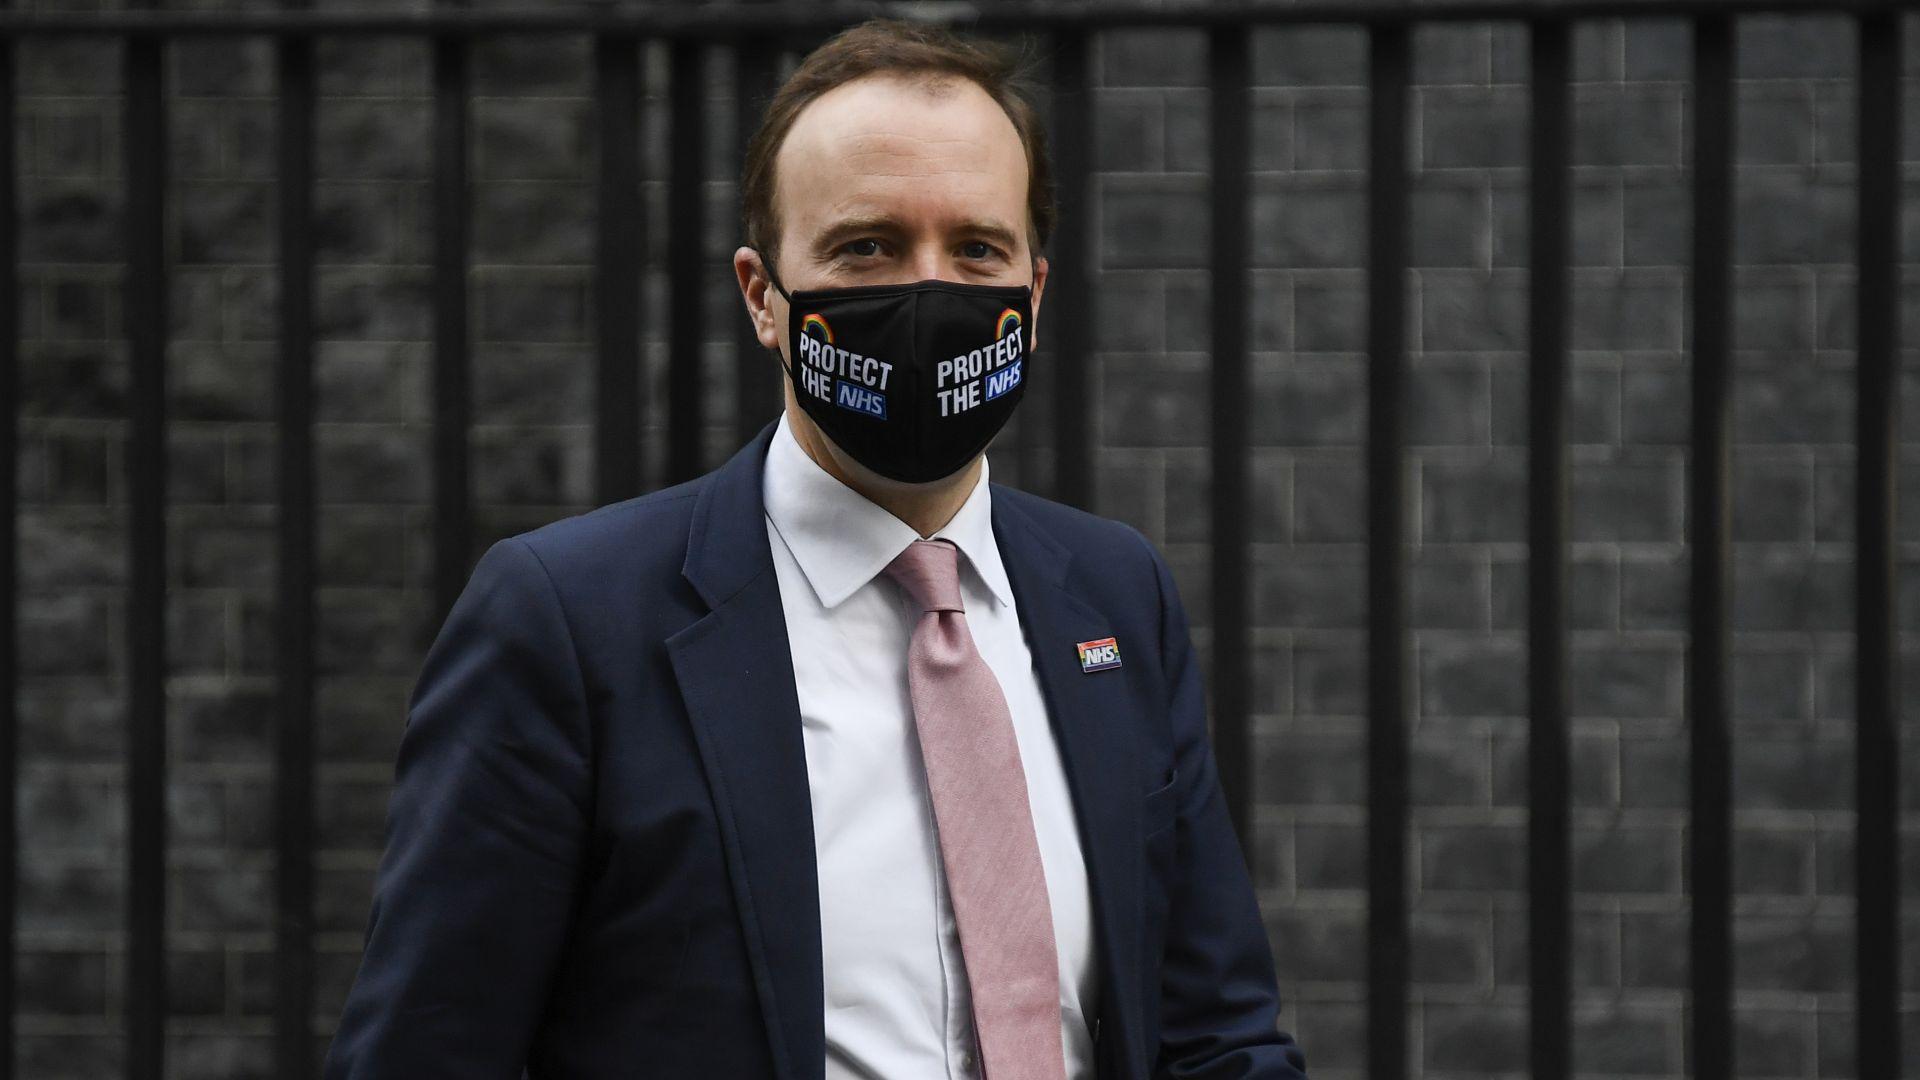 Британският здравен министър хвърли оставка, след като целуна подчинена (видео)